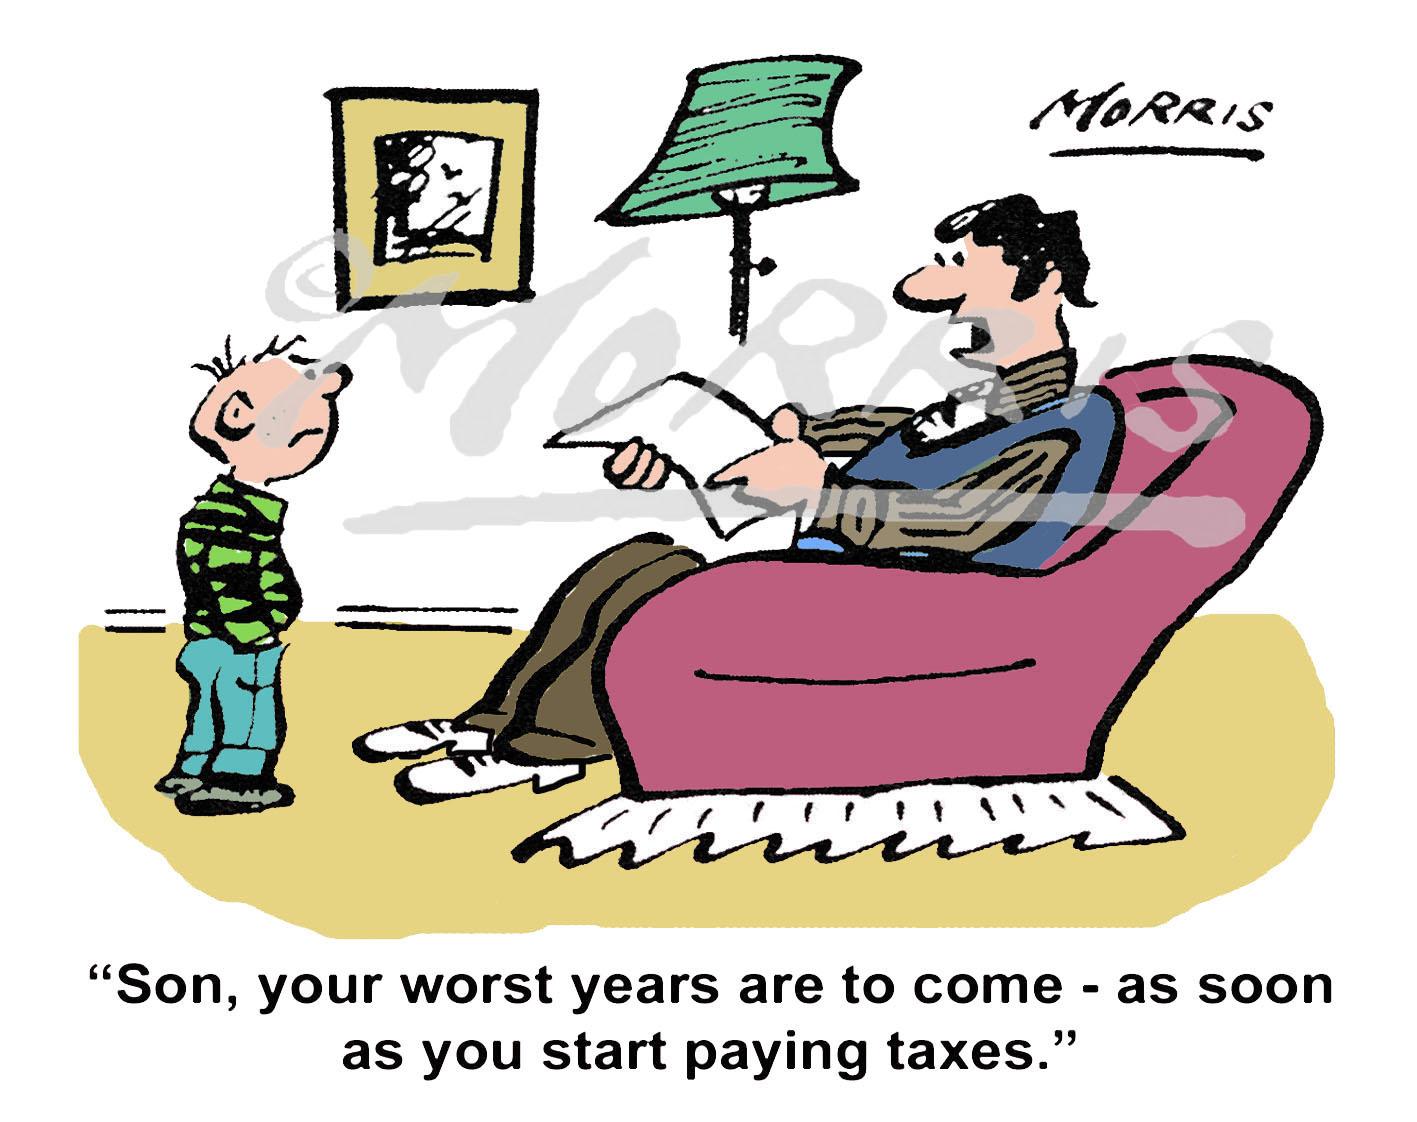 Personal finance tax cartoon – Ref: 7492col